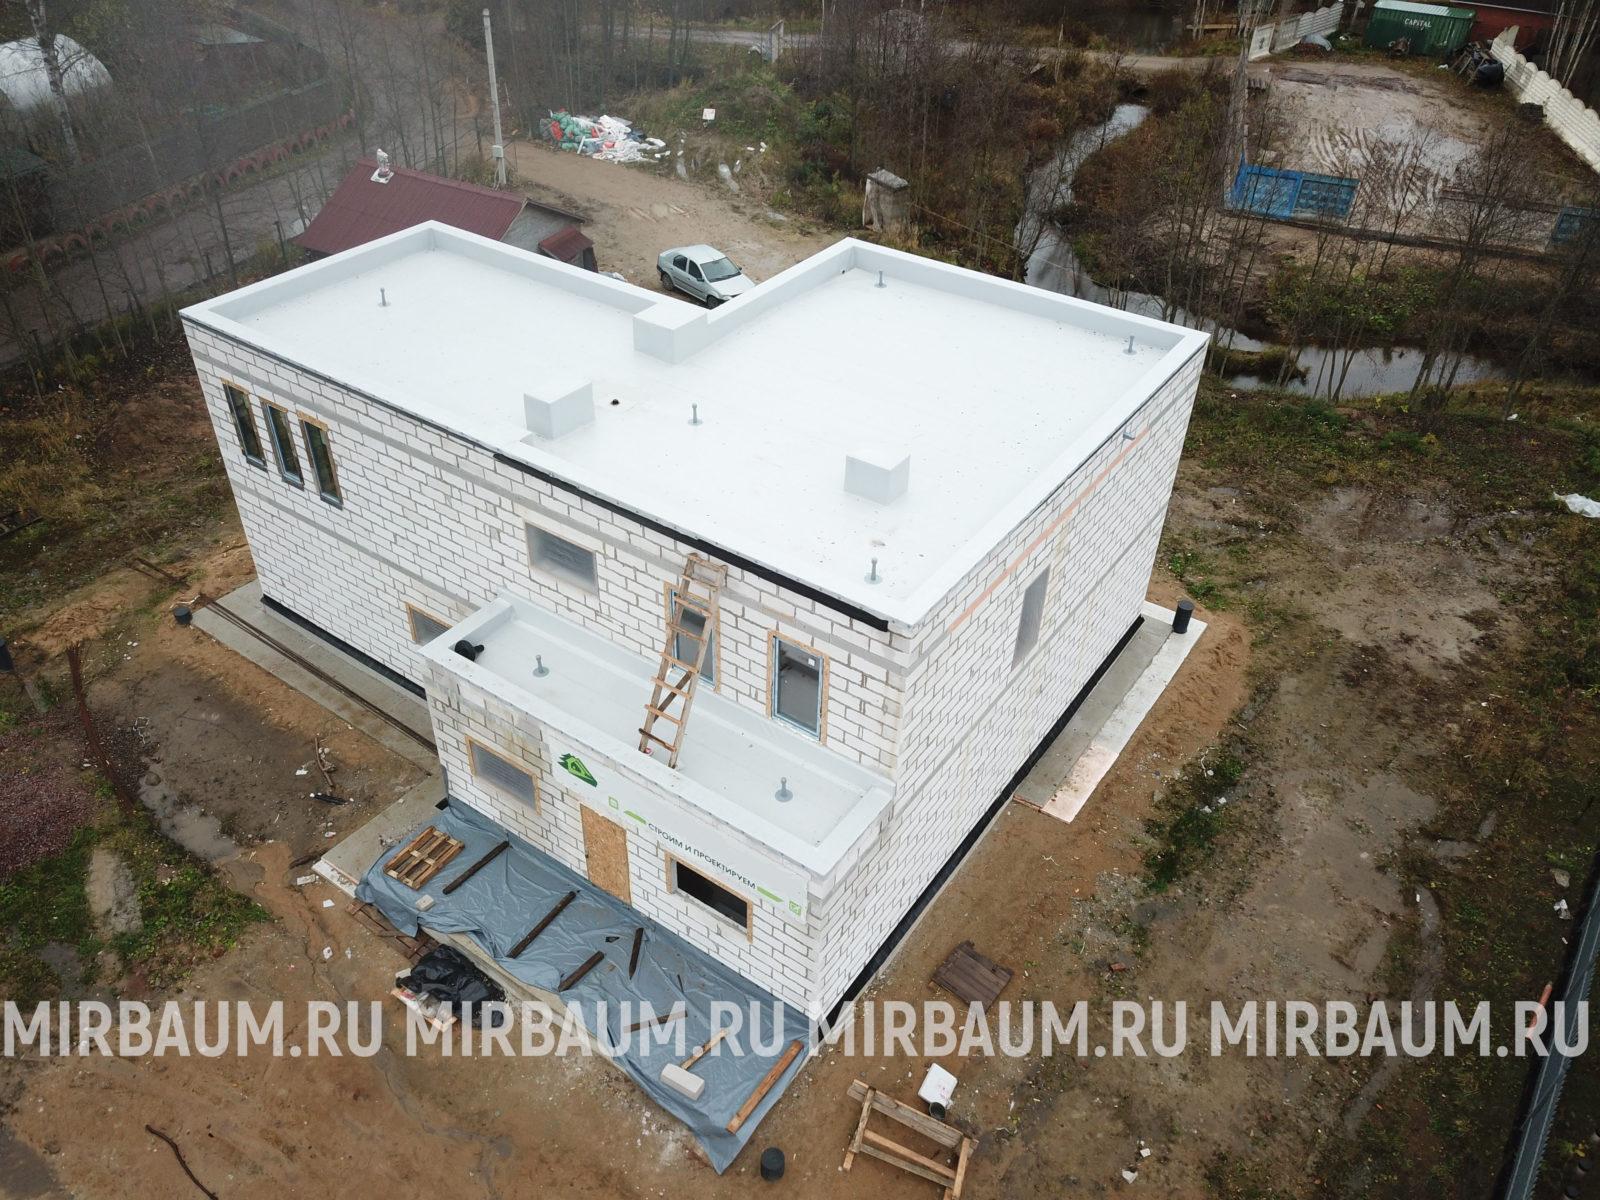 DCIM100MEDIADJI_0877.JPG